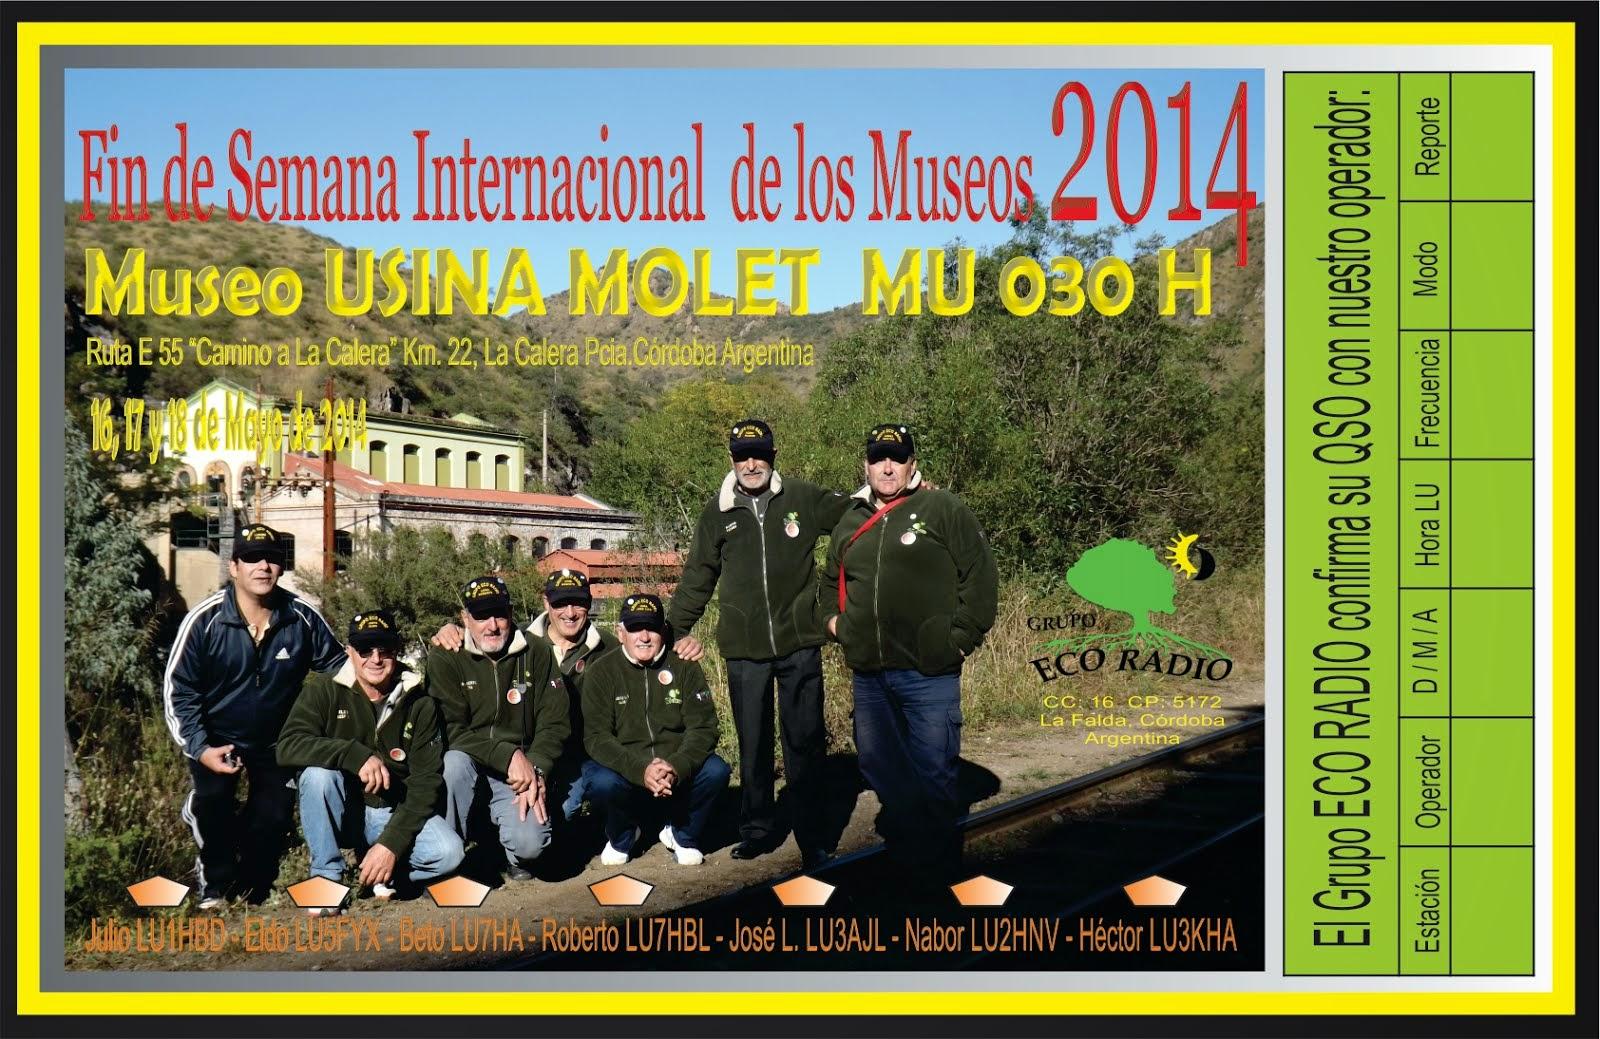 """QSL Especial Expedición """"Museo Molet"""" MU030 D"""